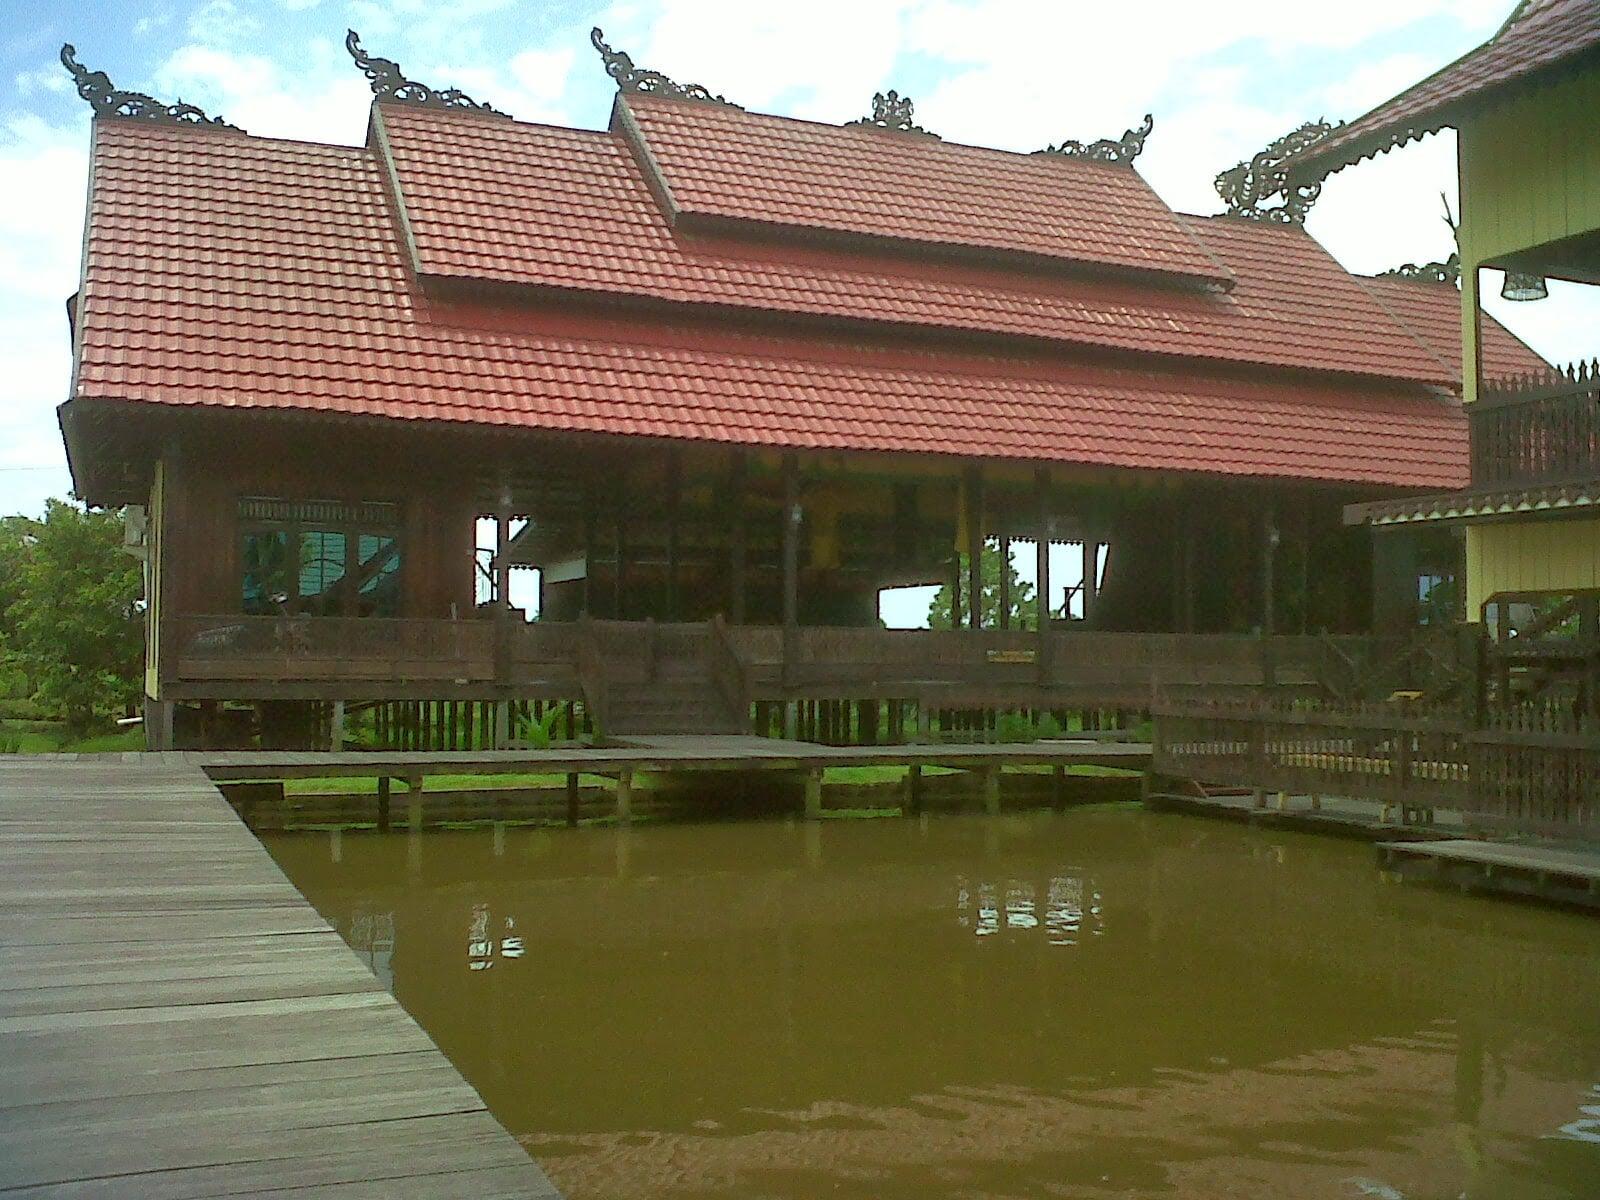 Cemerlang 21 Gambar Rumah Adat Palembang 97 Bangun Ide Dekorasi Rumah Kecil untuk 21 Gambar Rumah Adat Palembang